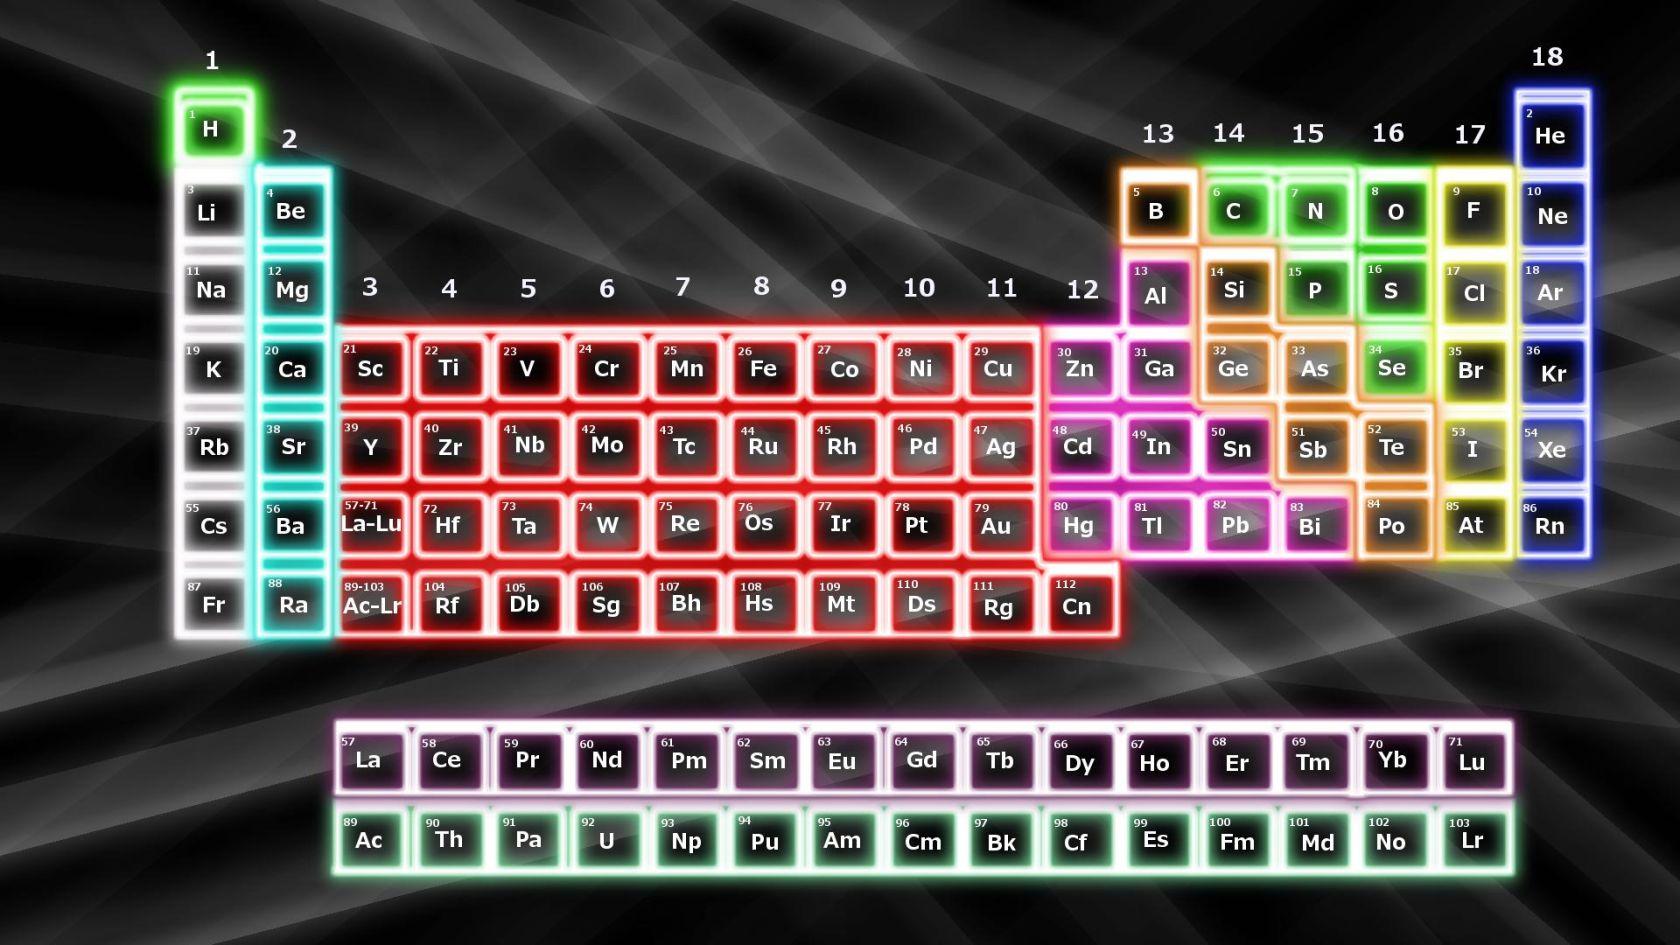 Periodic Table Wallpaper - WallpaperSafari